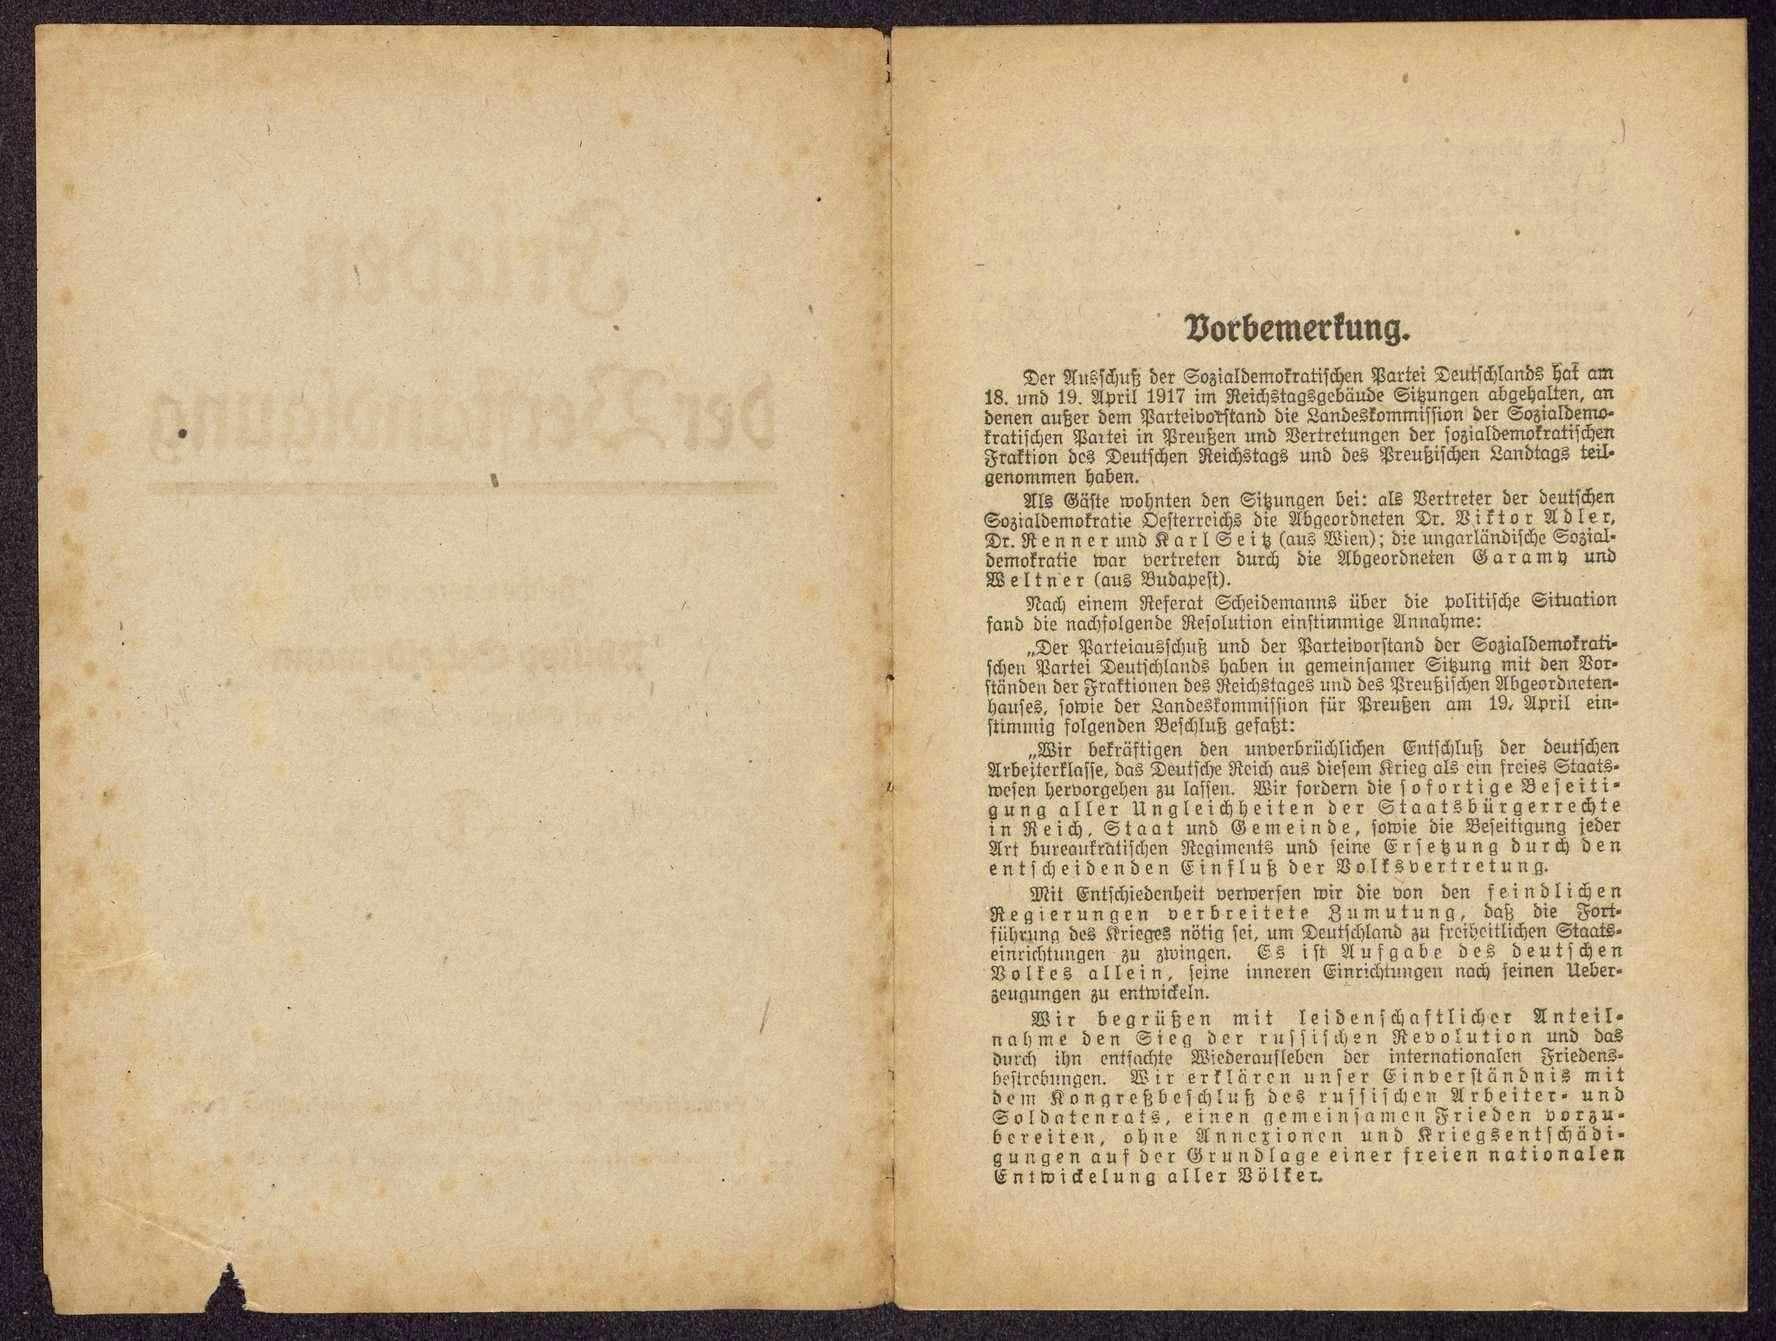 Philipp Scheidemann: Frieden der Verständigung. Reichstagsrede in der Sitzung am 15. Mai 1917 (Hrsg. vom Vorstand der SPD), Bild 2